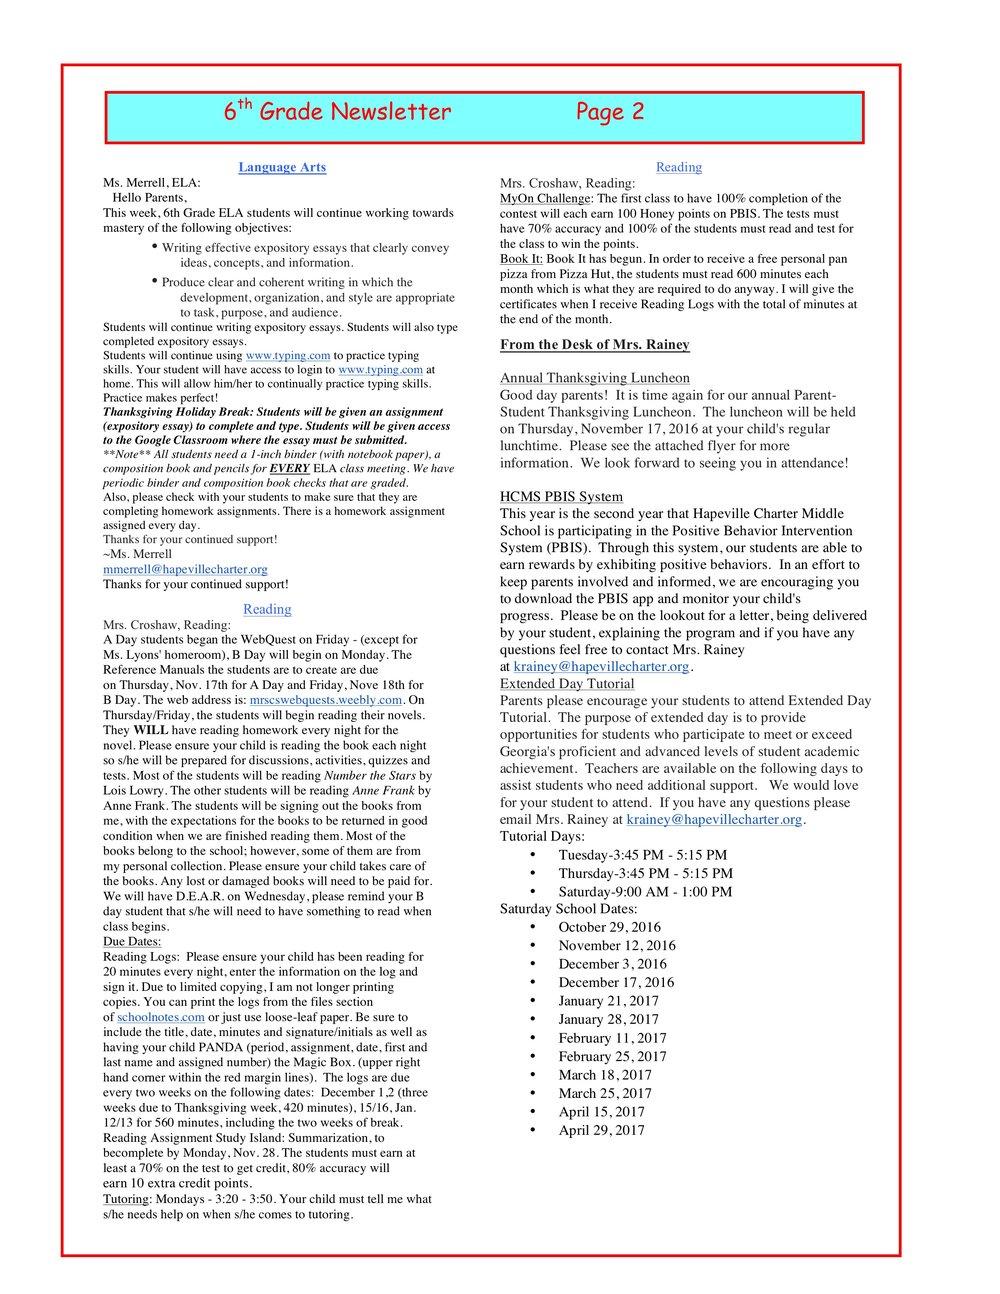 Newsletter Image6th Grade Newsletter 11-14-2016 2.jpeg